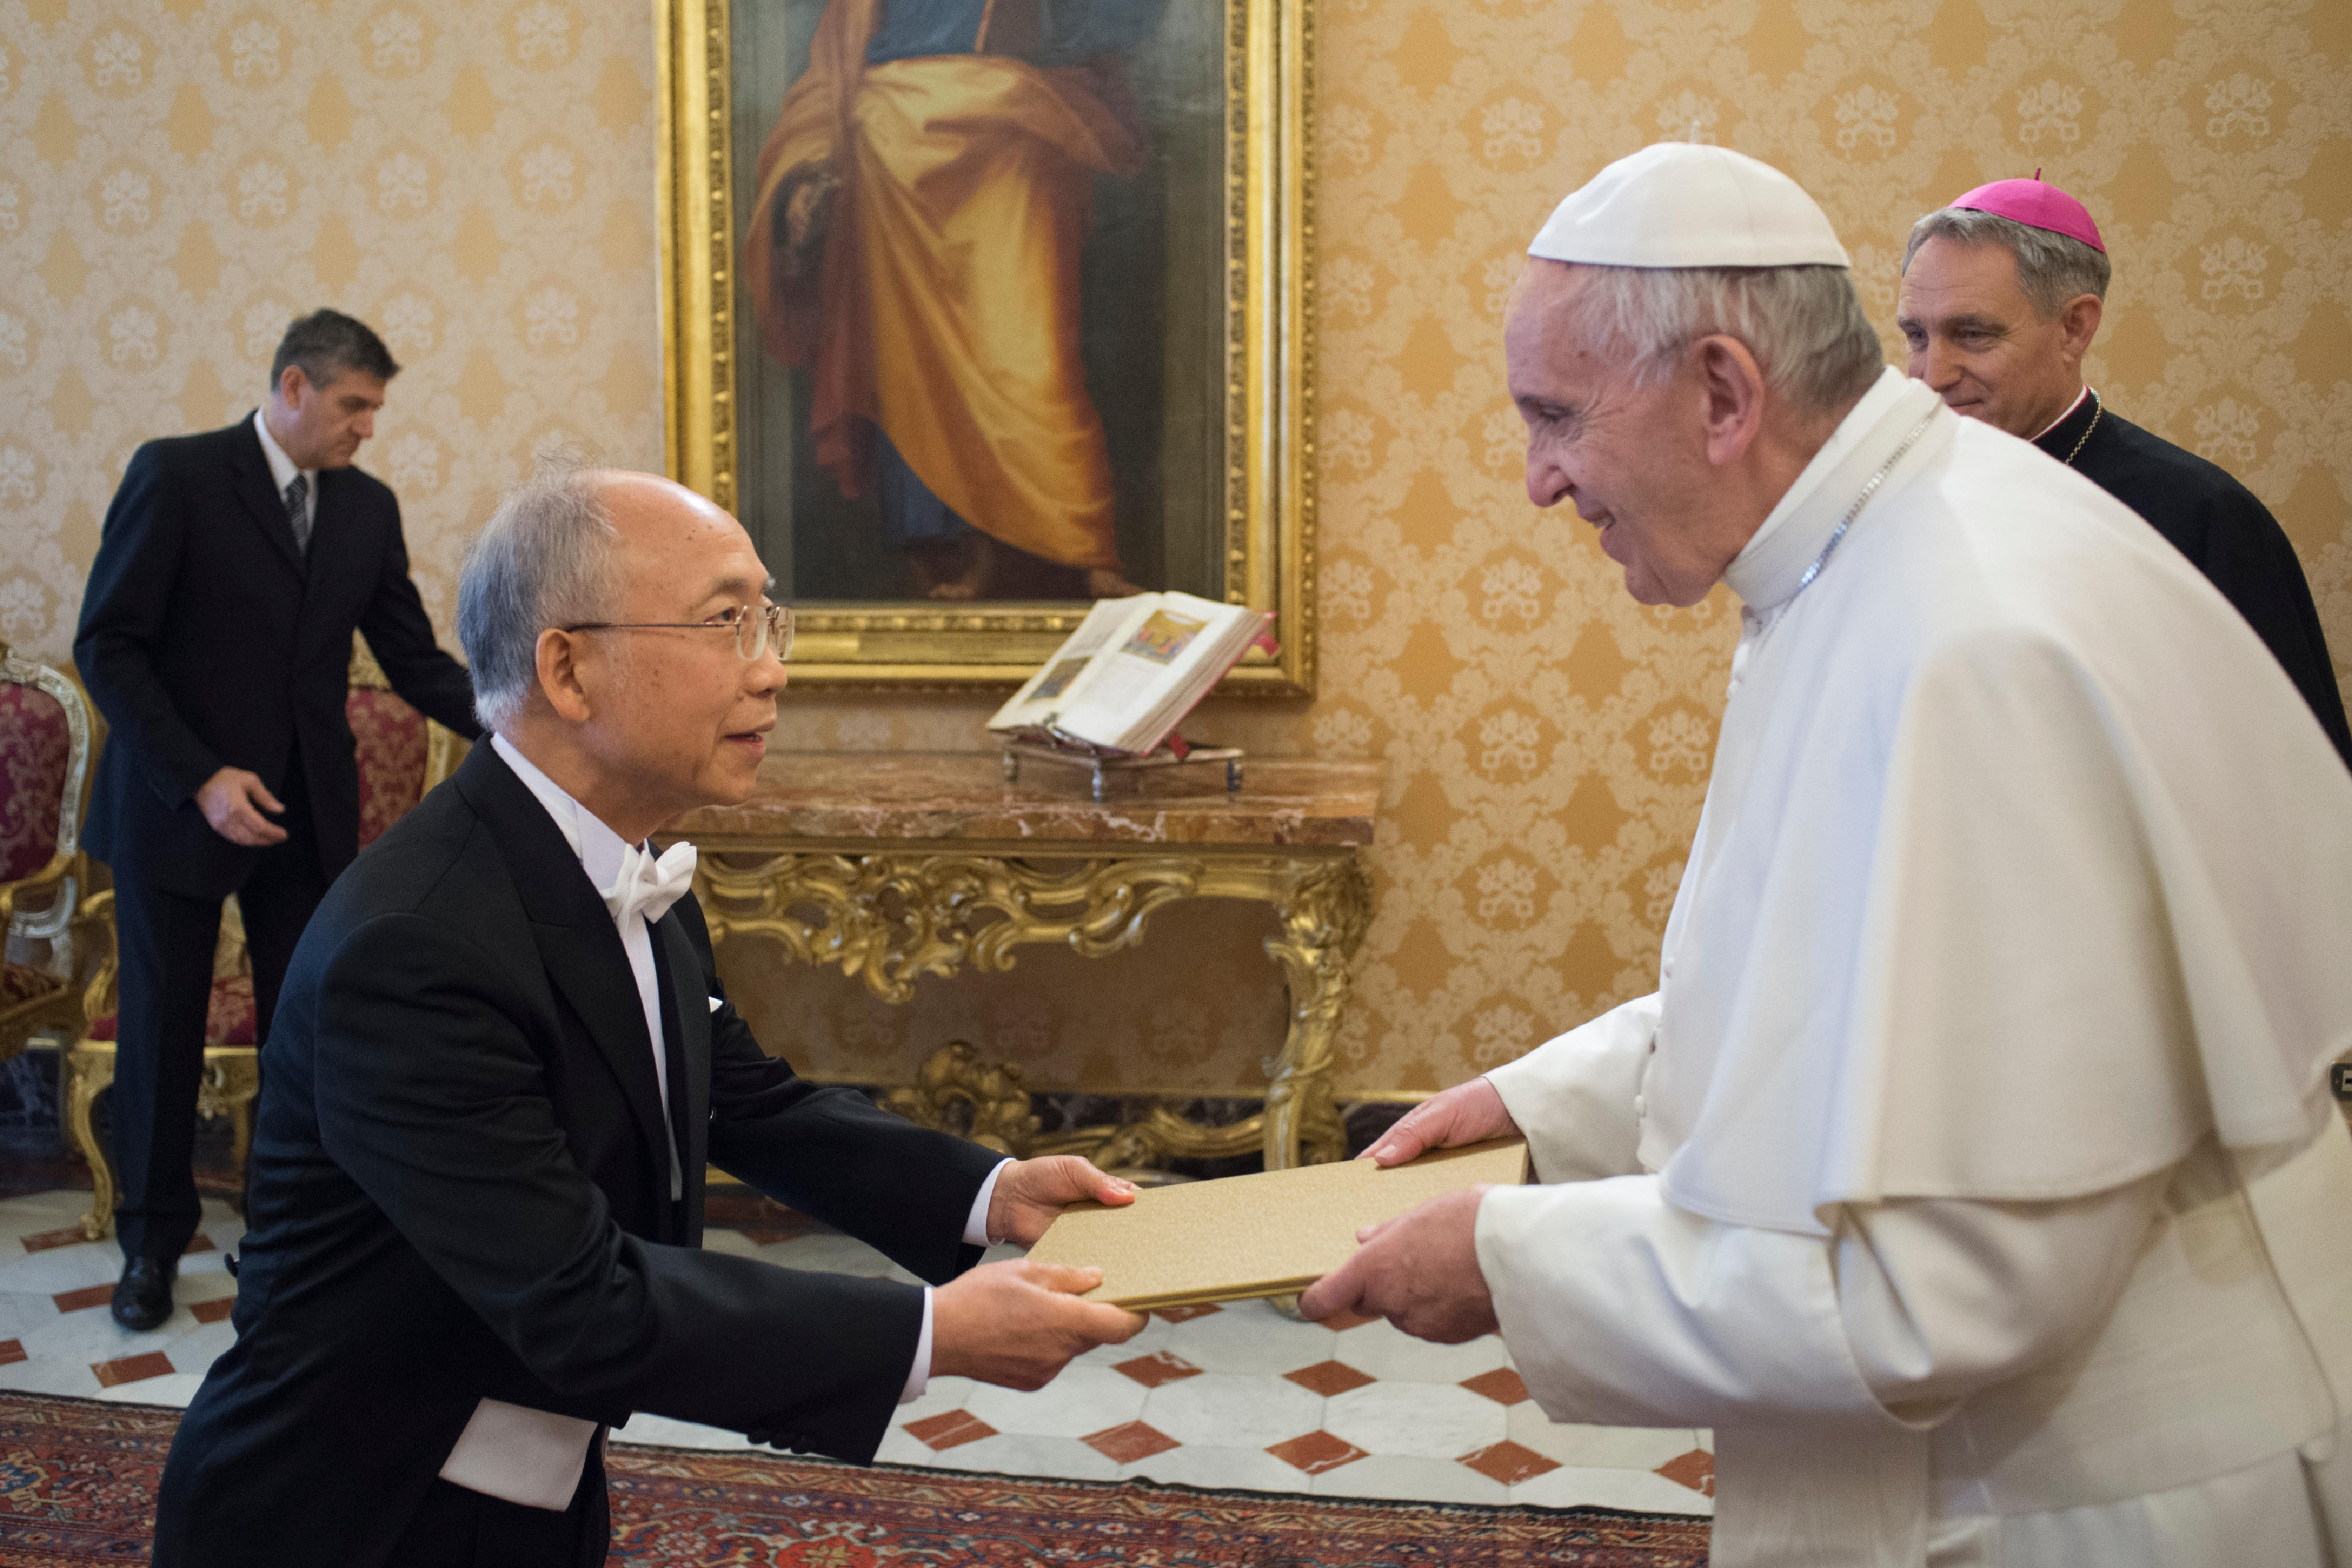 Jonghyu Jeong, ambassadeur de Corée près le Saint-Siège © L'Osservatore Romano